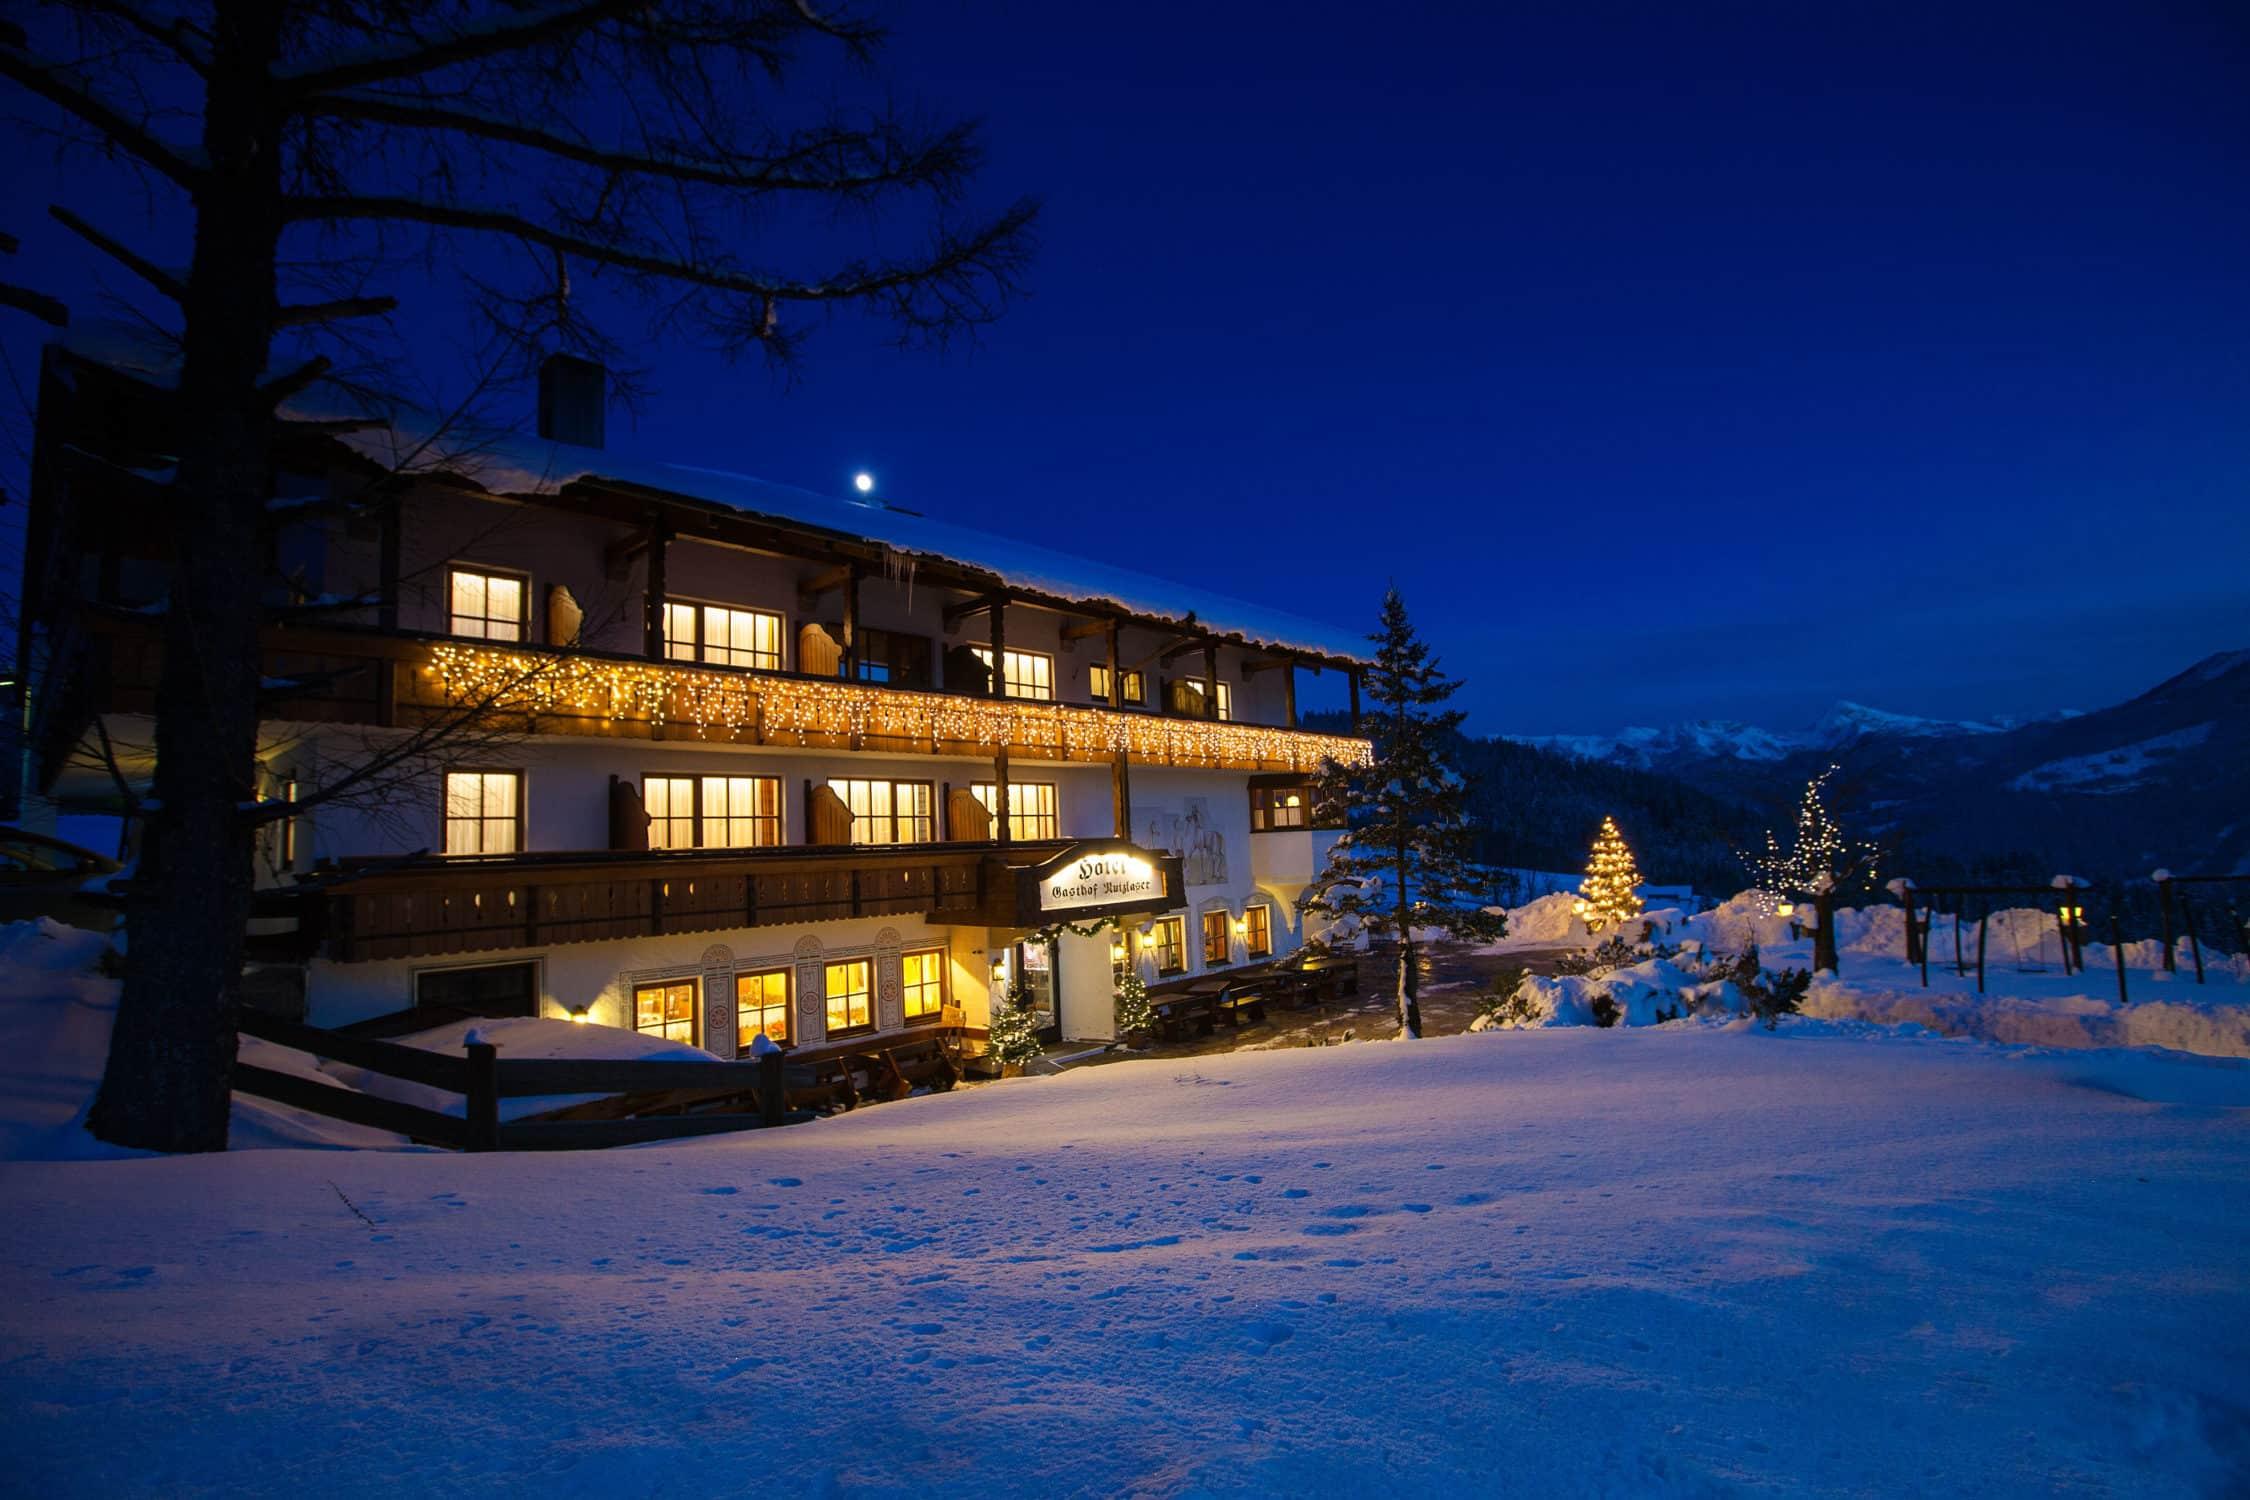 Winteransicht vom Hotel Gasthof Nutzkaser im Bergsteigerdorf Ramsau